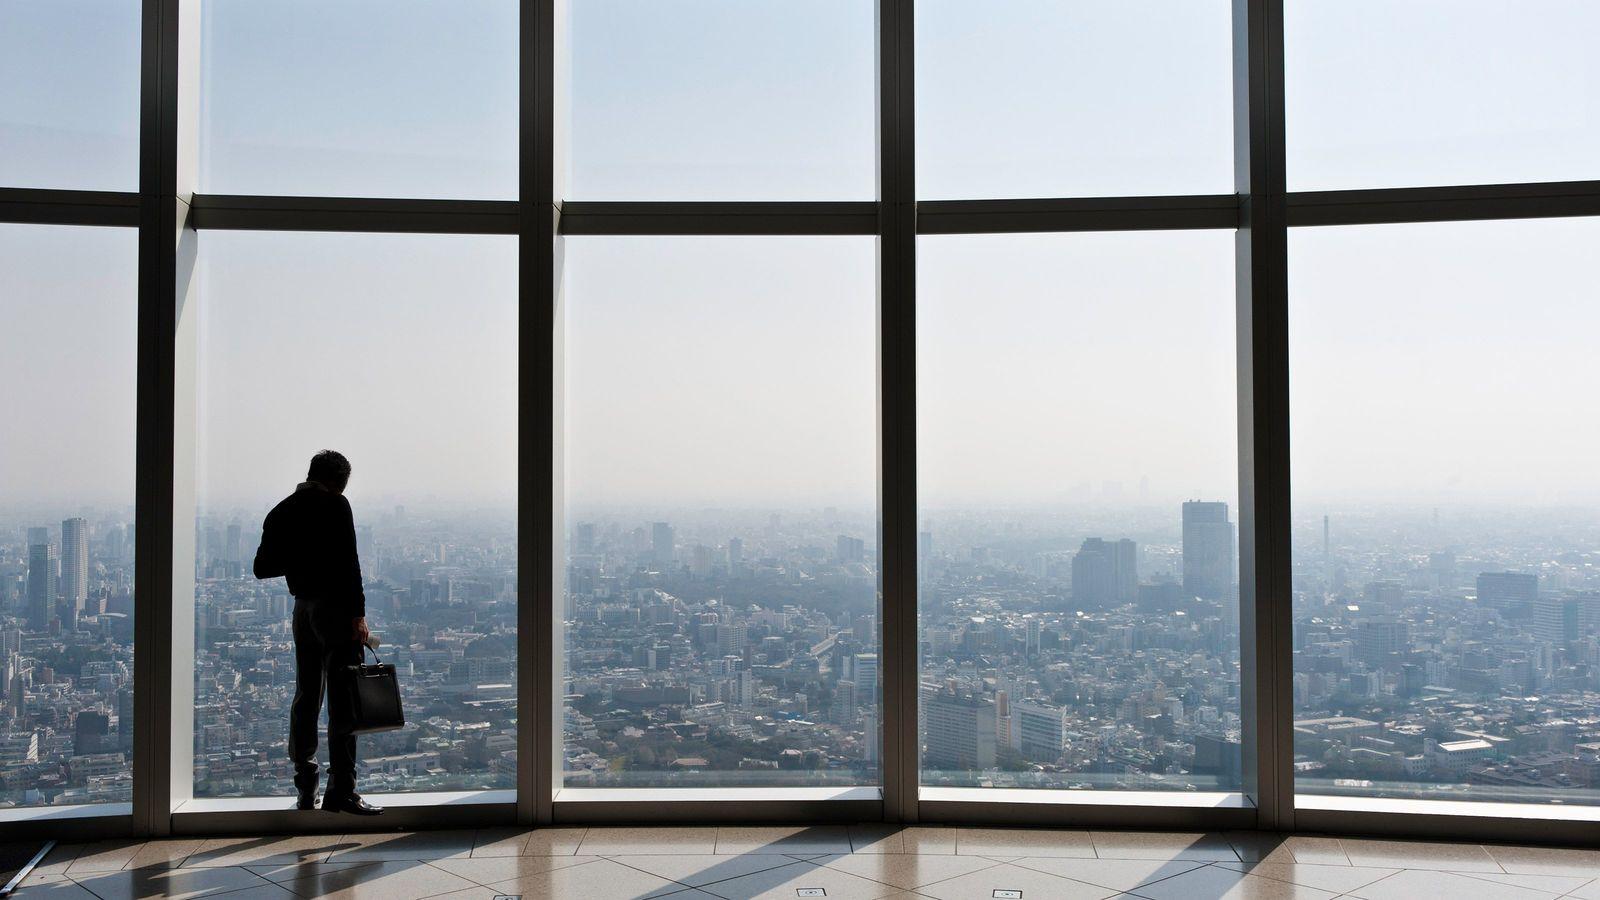 なぜ「ITベンチャーの聖地=渋谷」が過去の話になっているのか オフィスビル東京ナンバー1の戦略